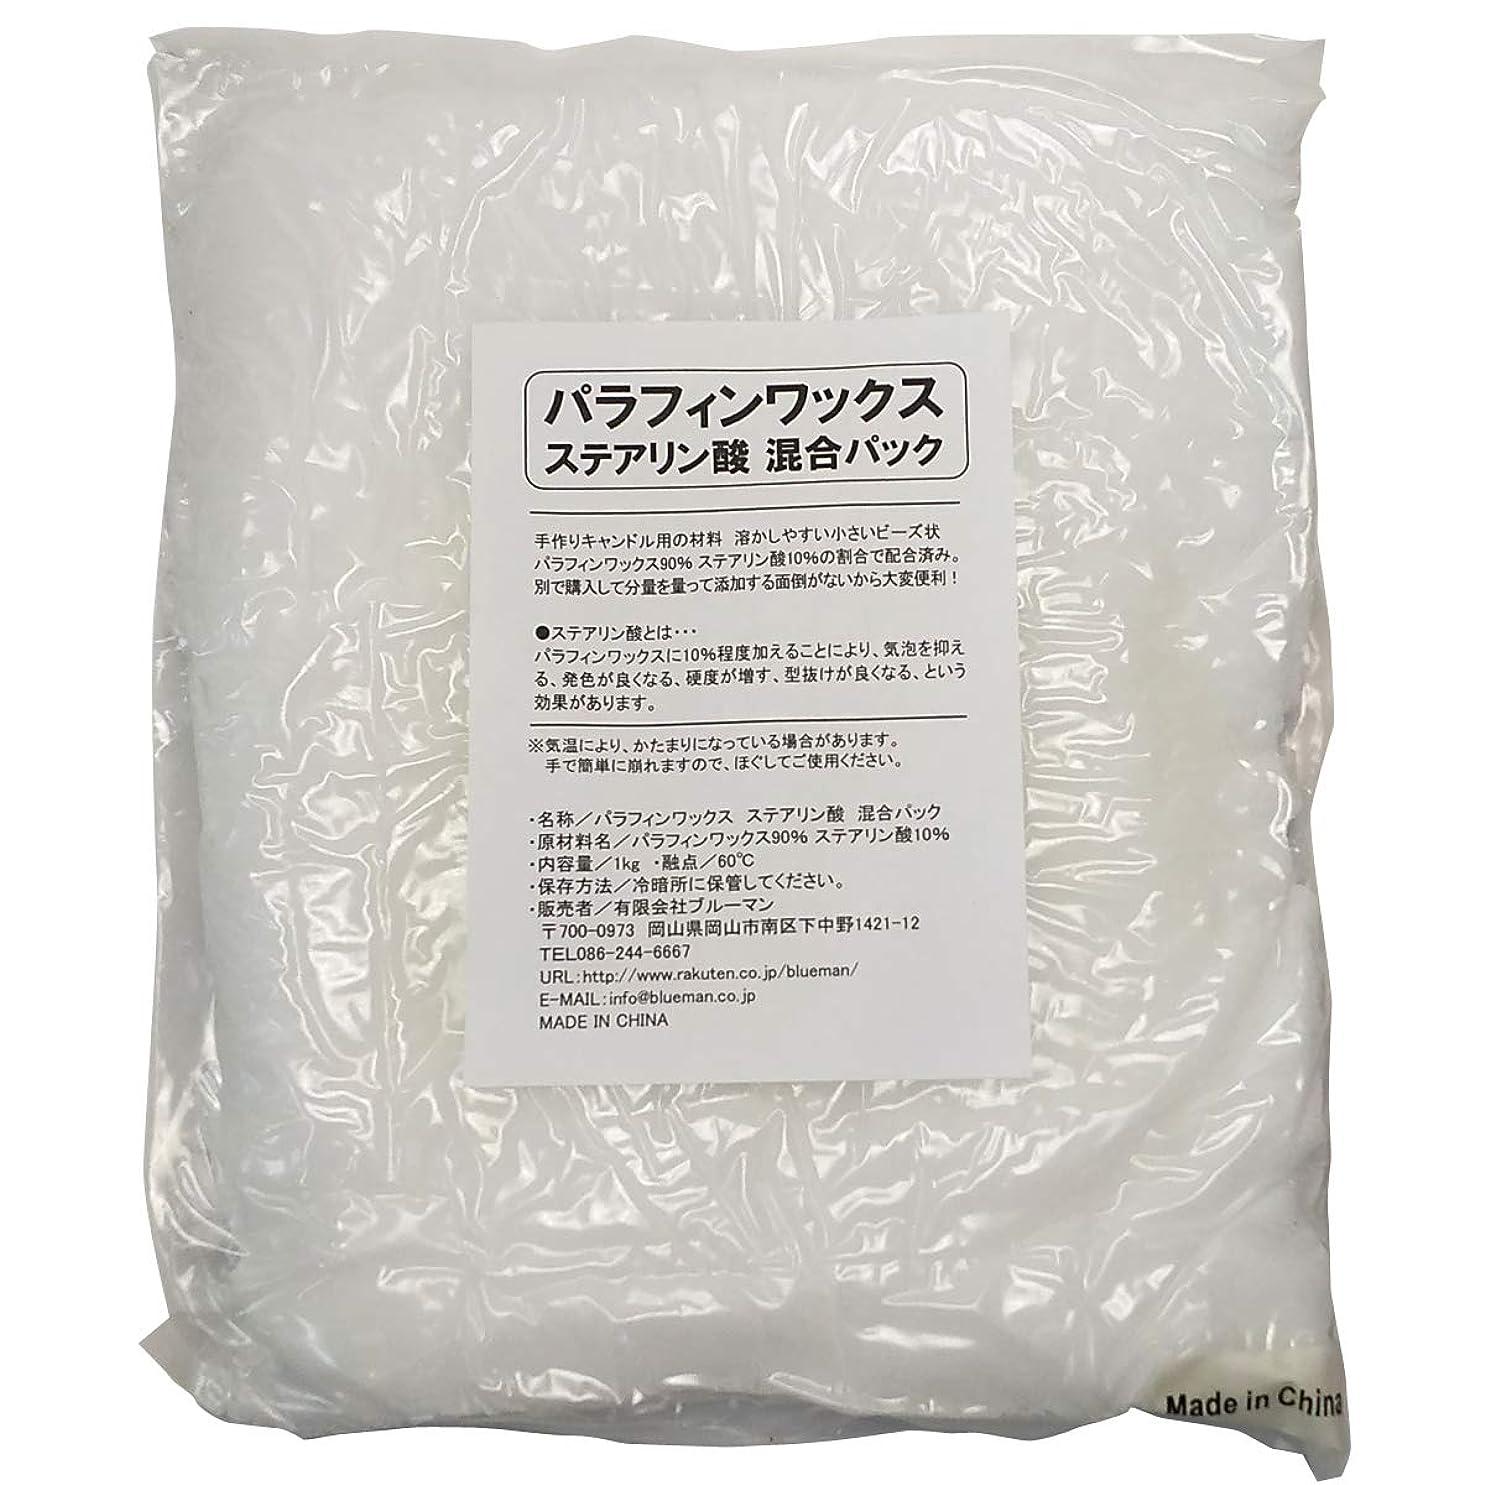 ブレークダイジェスト幾何学パラフィンワックス ステアリン酸 混合パック 1kg×20袋【20kg 手作りキャンドル 材料 20キロ】